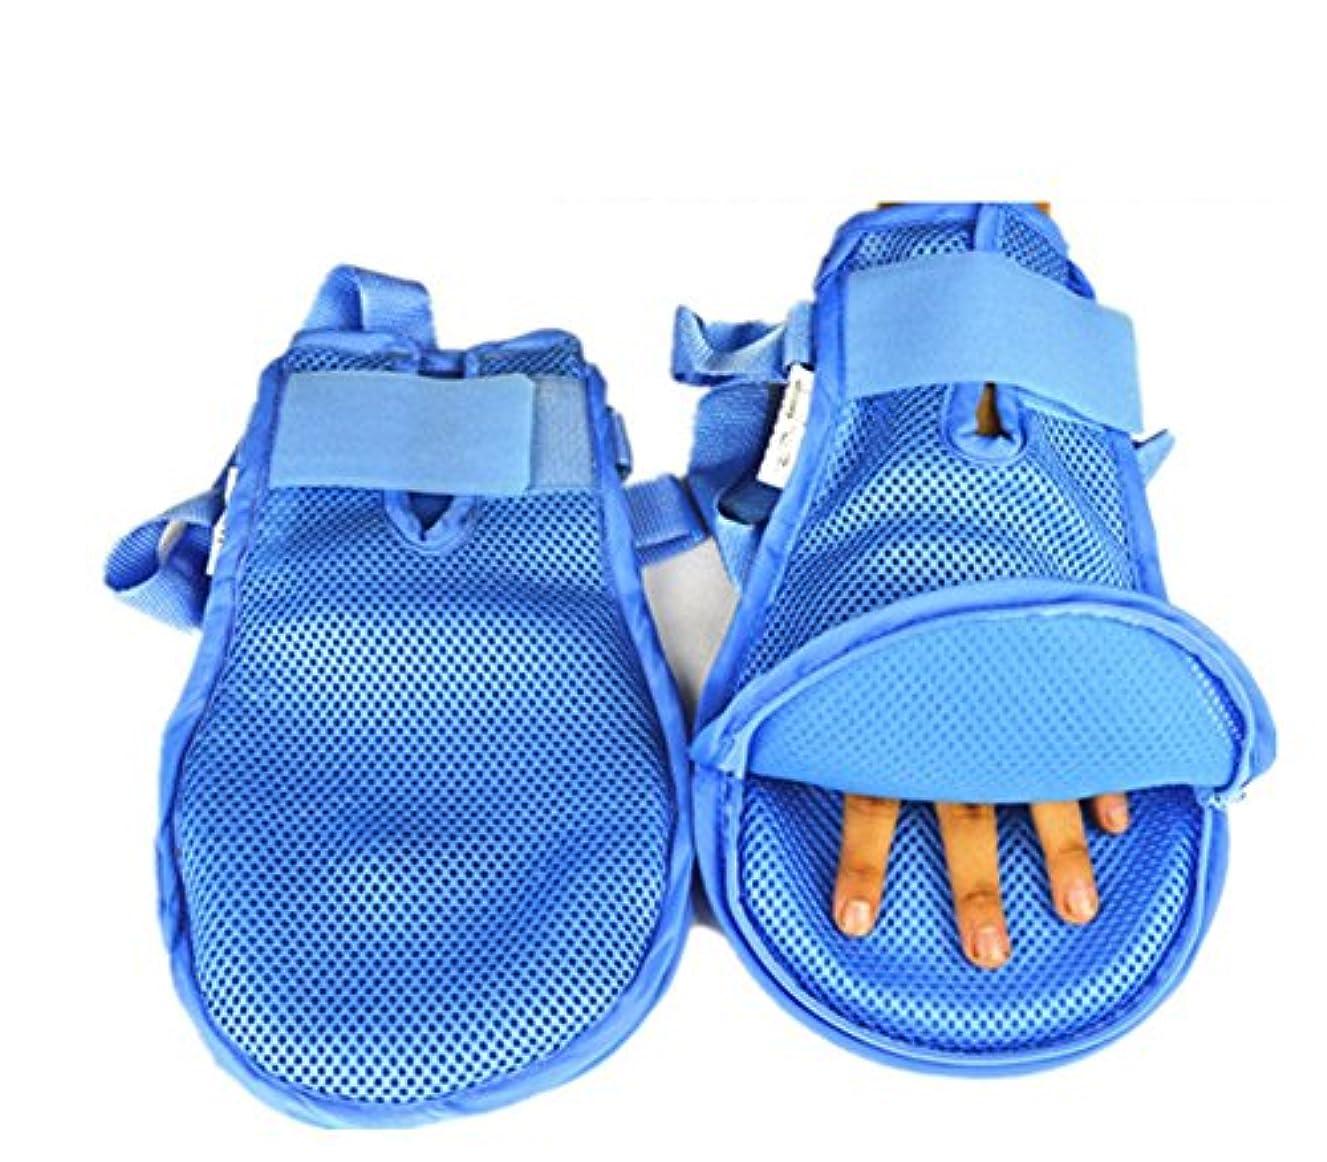 騒々しいエコー家庭拘束手袋、指のコントロールミット医療の通気性の患者の抗褥瘡手袋高齢者のためのスクラッチ包帯リストストラップS、M、L